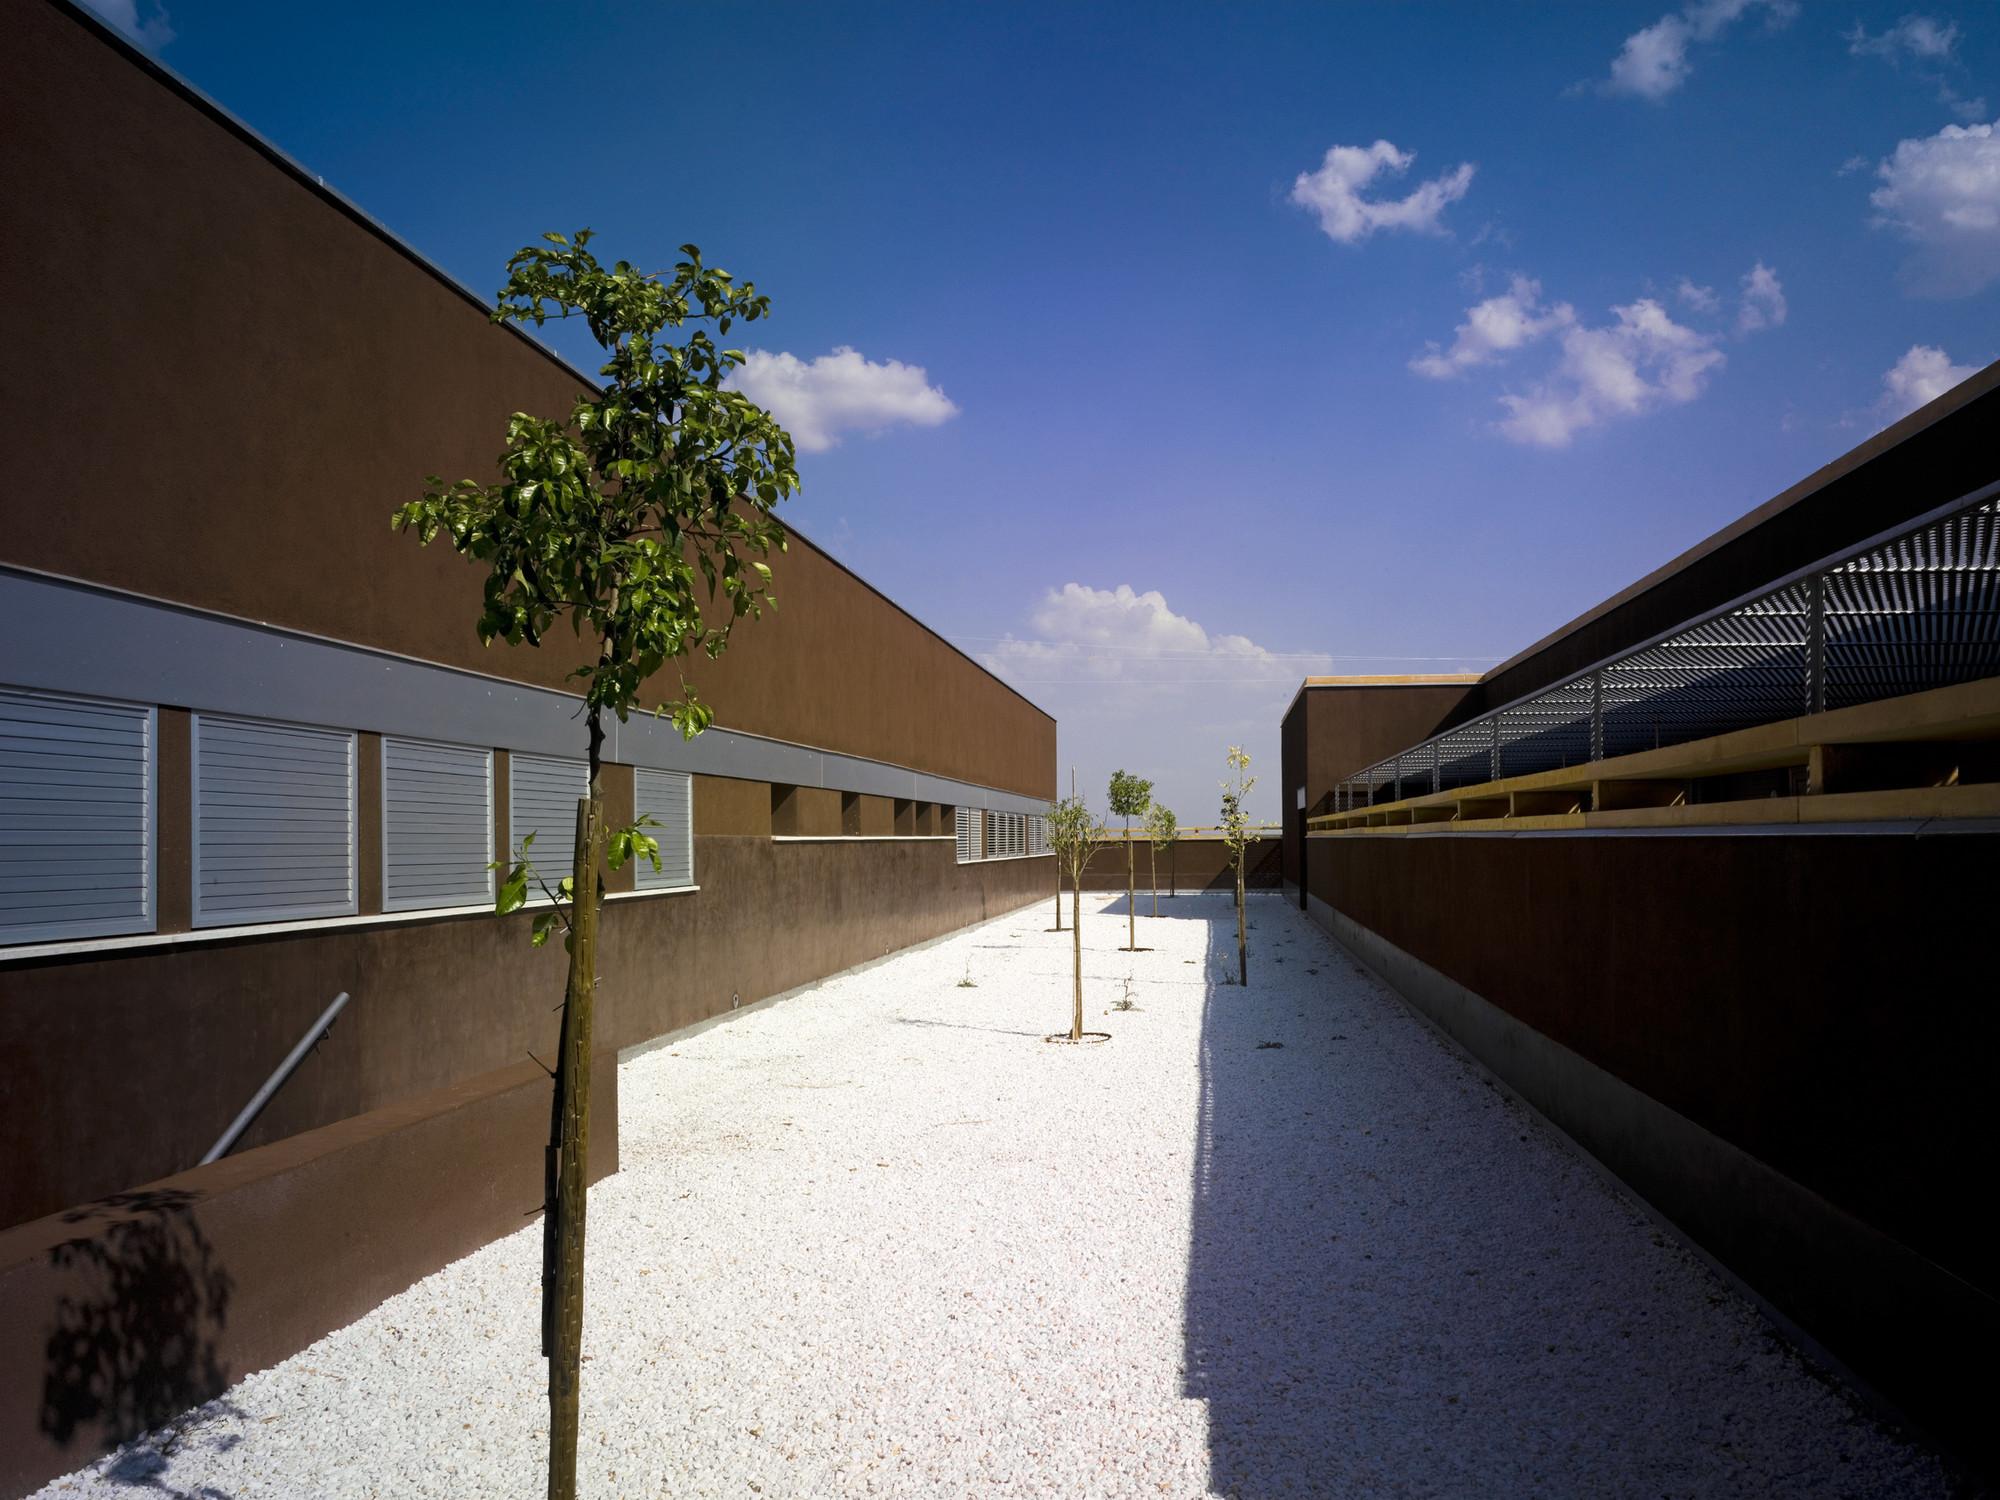 Tierra De Barros Hospital / EACSN + Junquera Arquitectos, © Jesús Granada